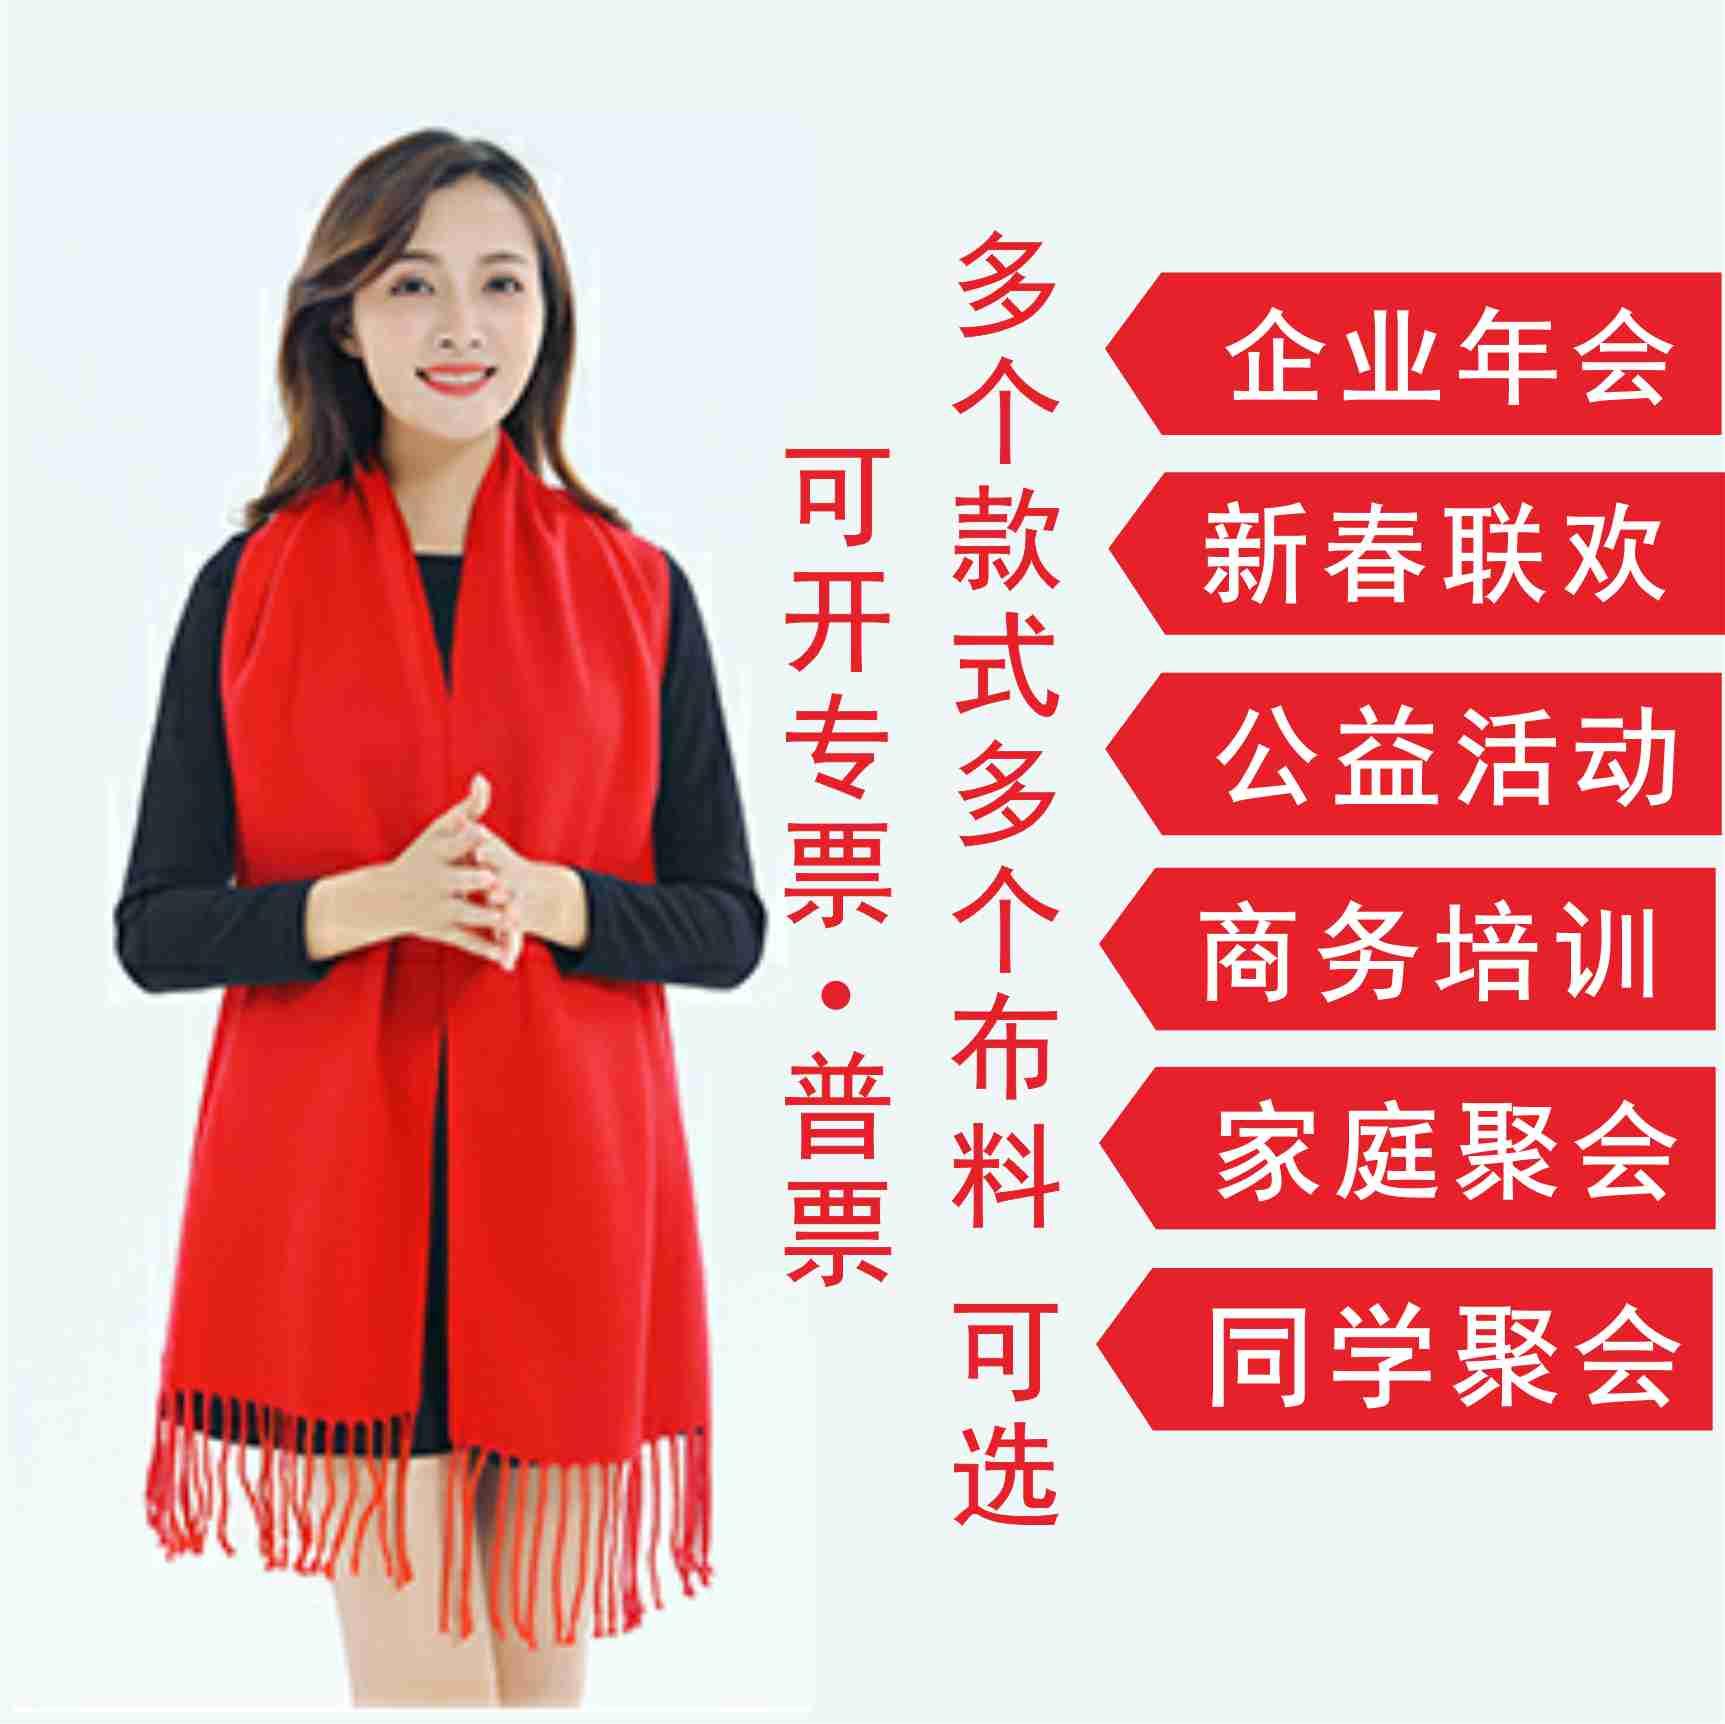 南寧紅圍巾定制年會聚會上市開業祭祖圍巾定做